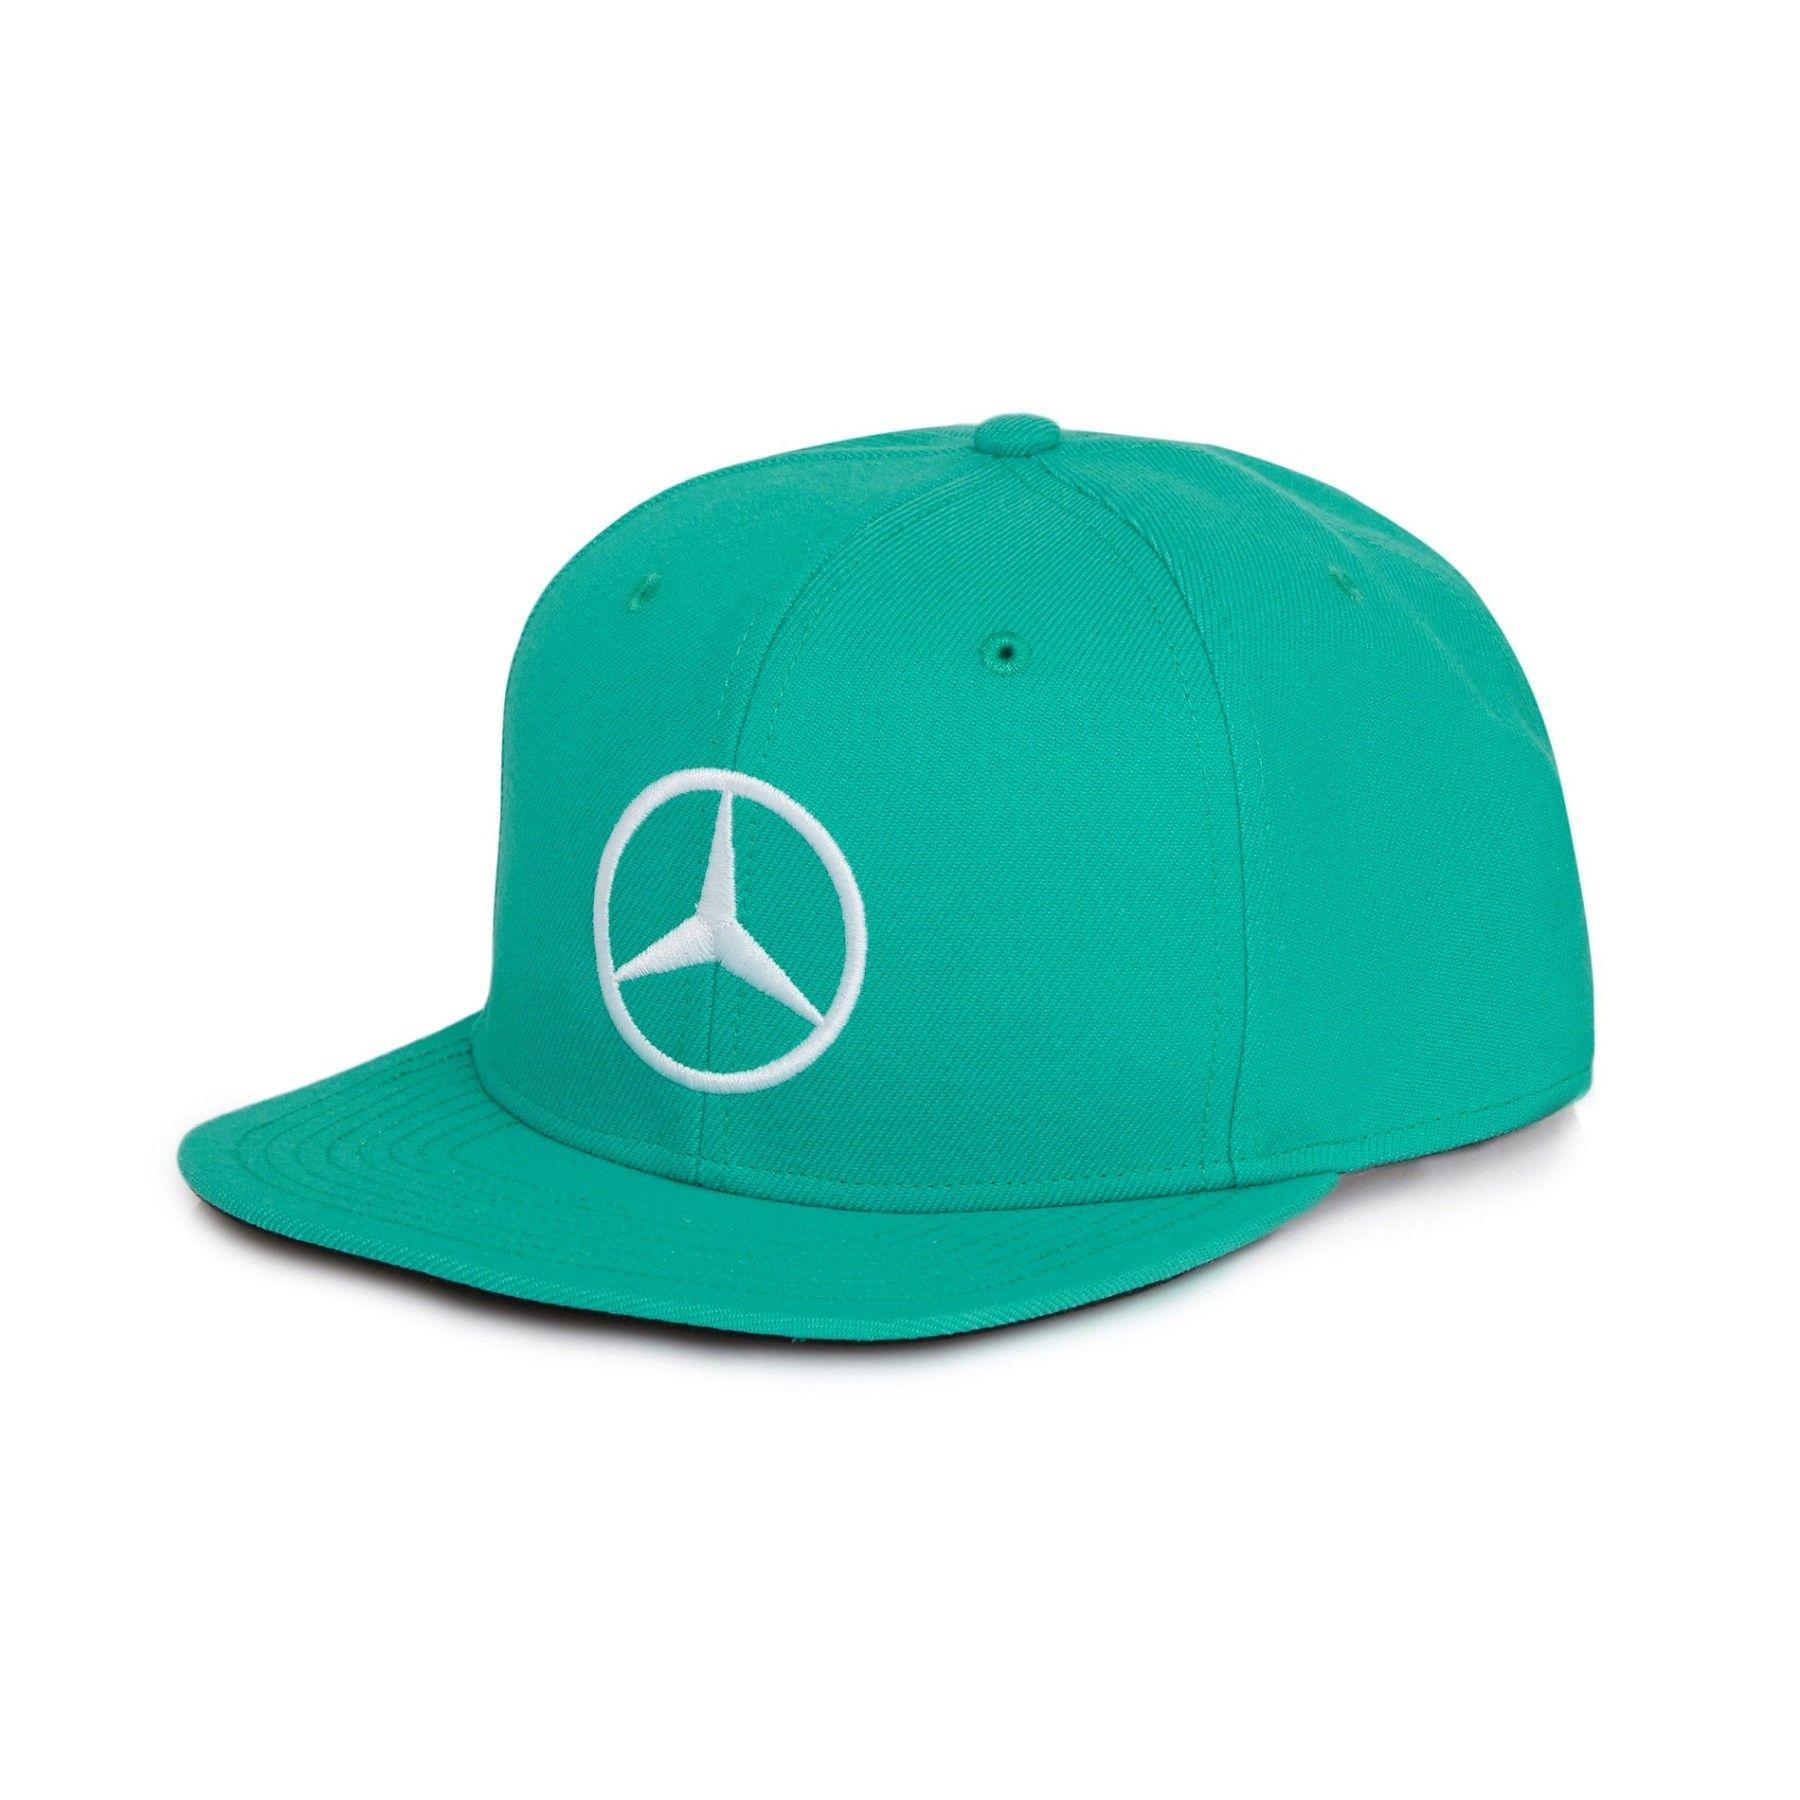 27e590501 Lewis Hamilton Malaysia GP Cap - Lewis Hamilton - MERCEDES AMG ...